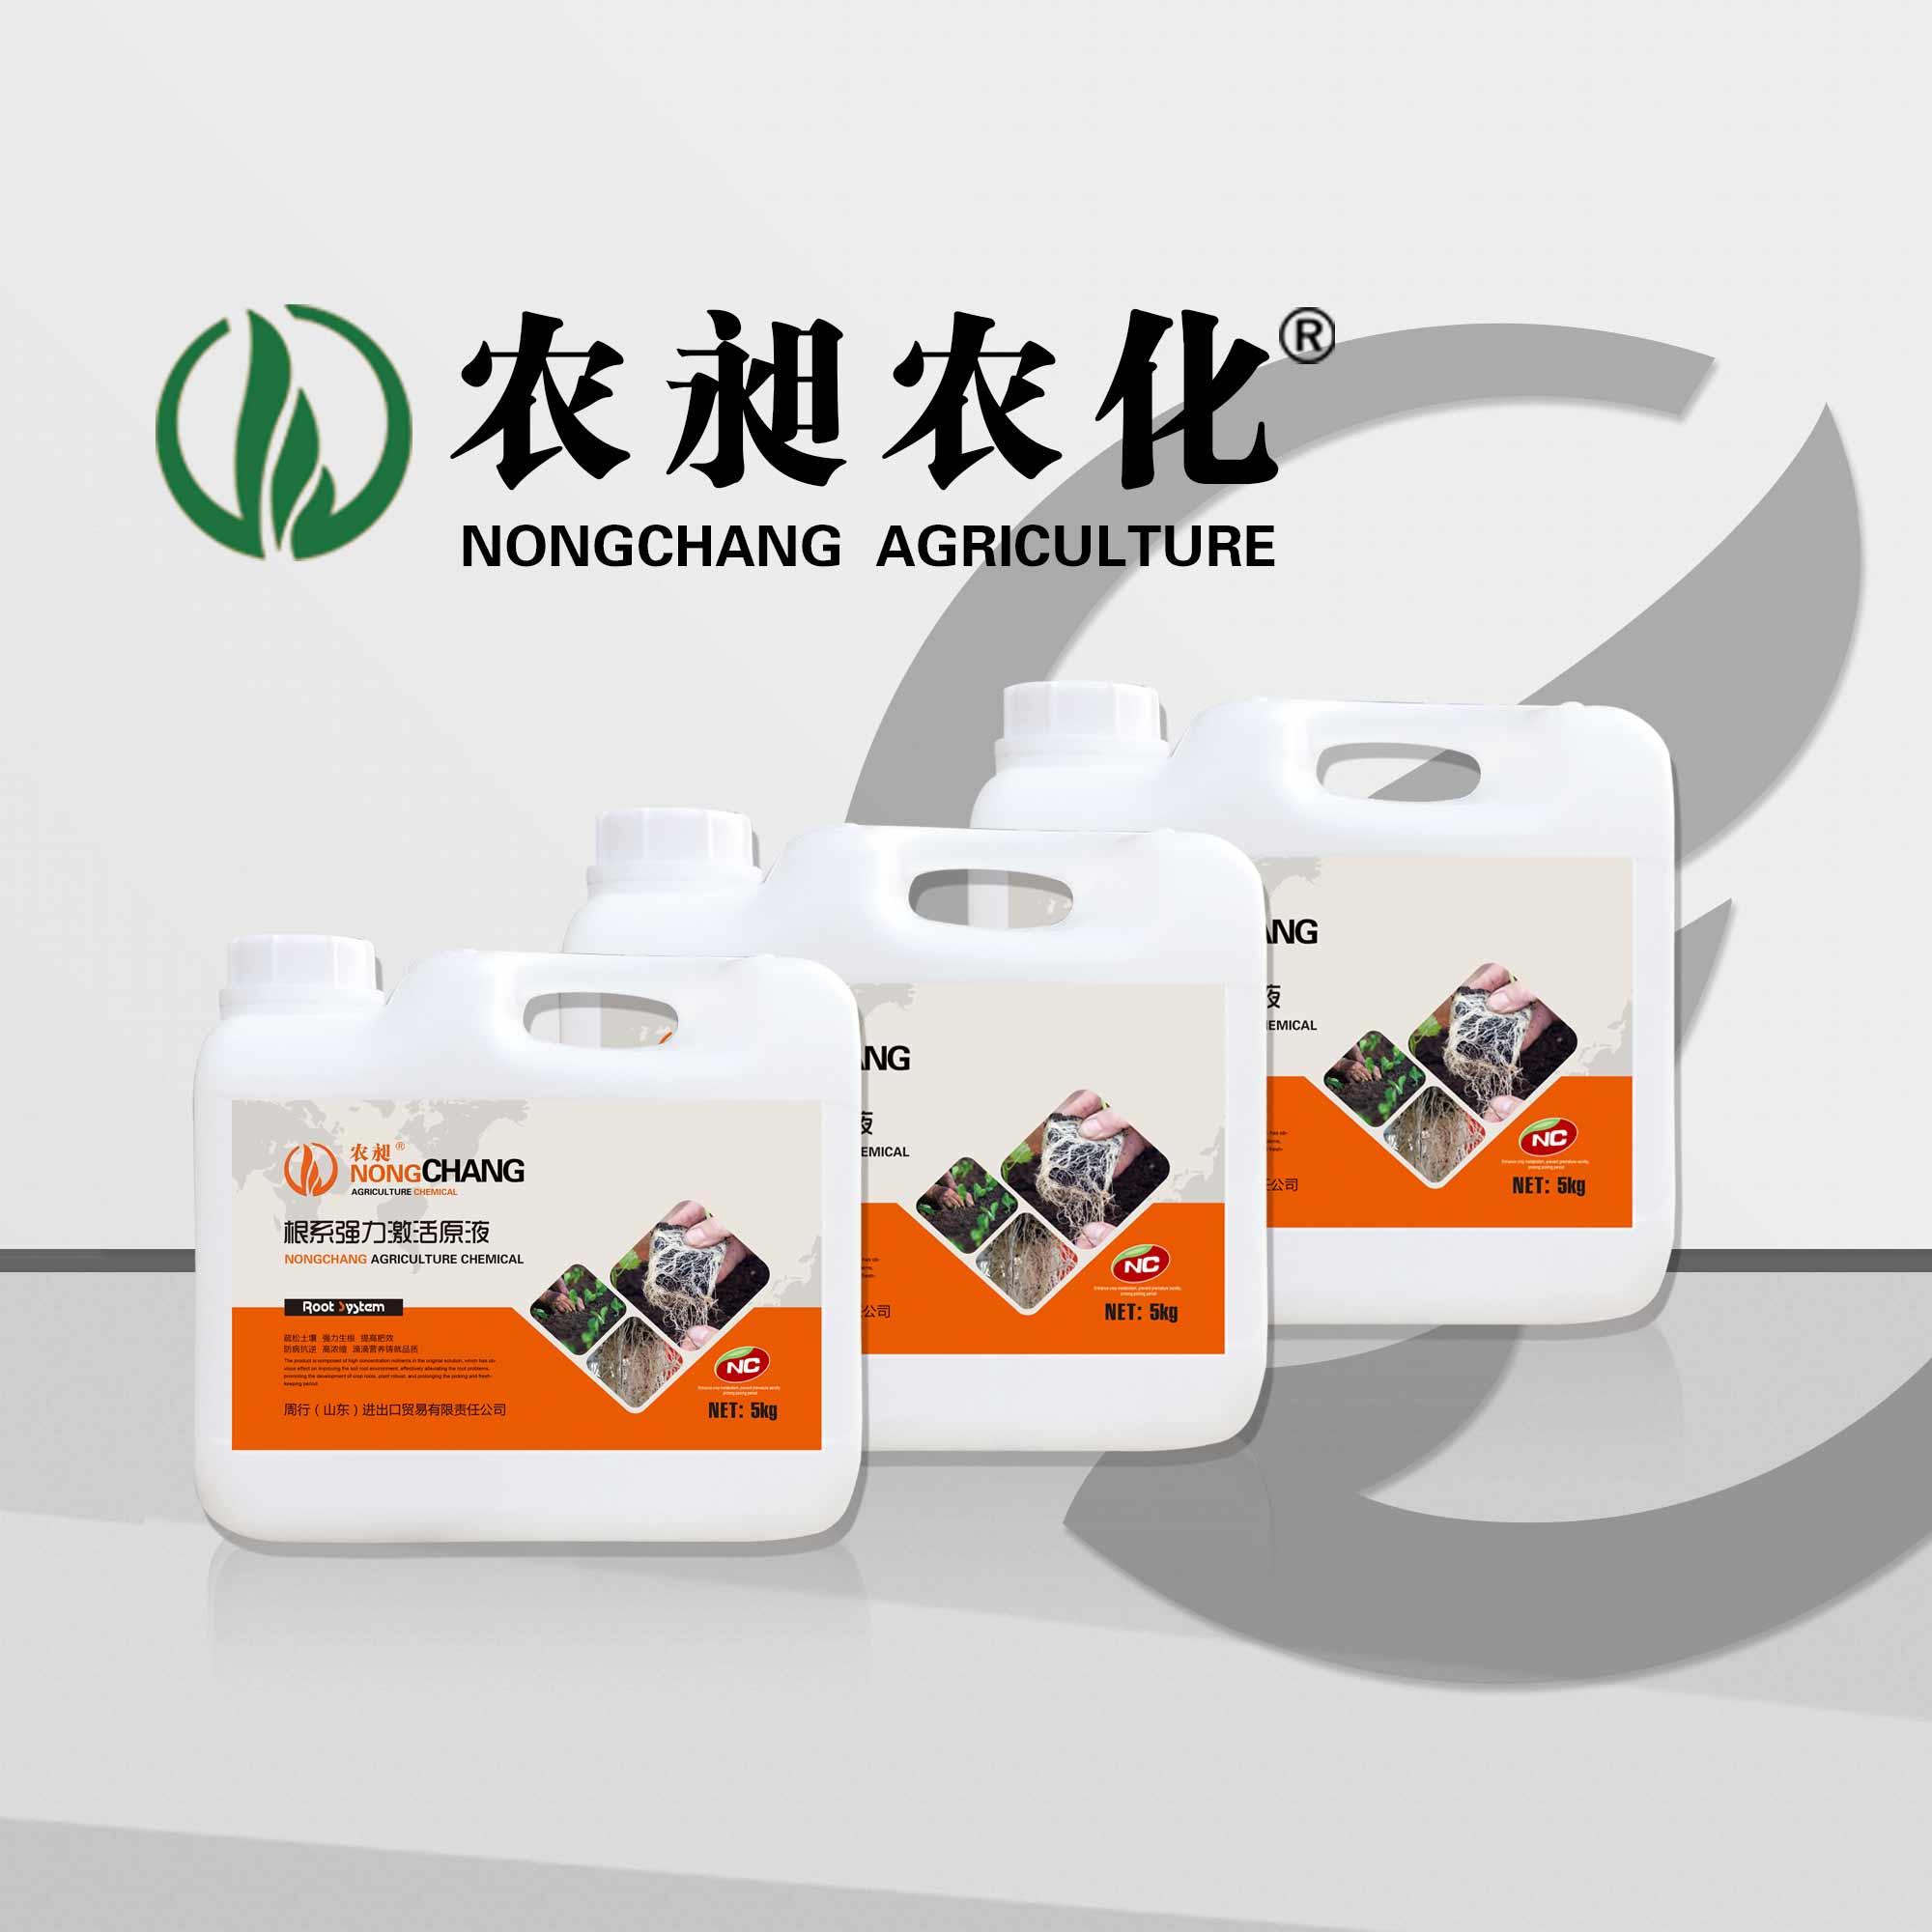 农昶根系原液周行进出口贸易氨基酸肥料生根剂